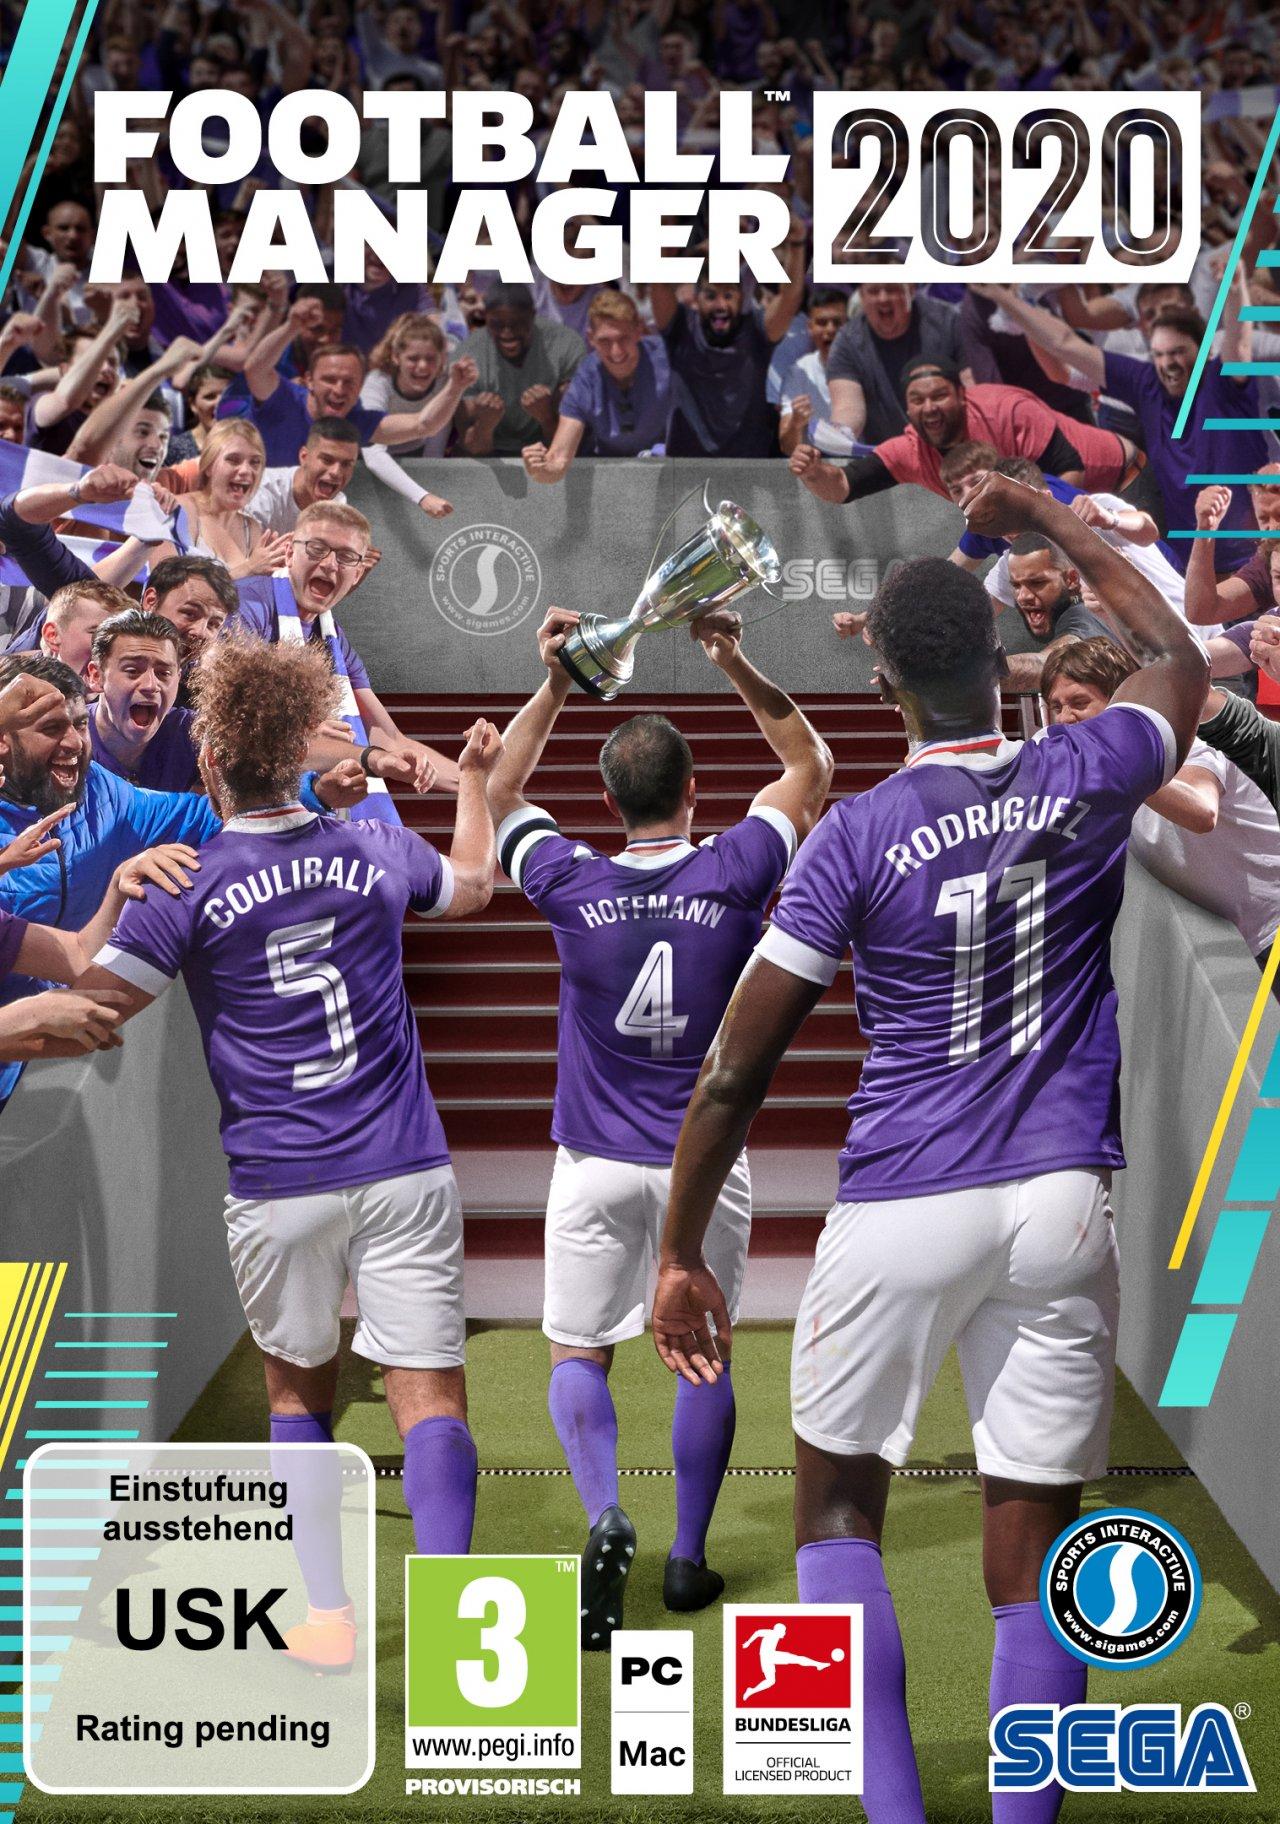 Football Manager 2020 Das Spiel Hat Einen